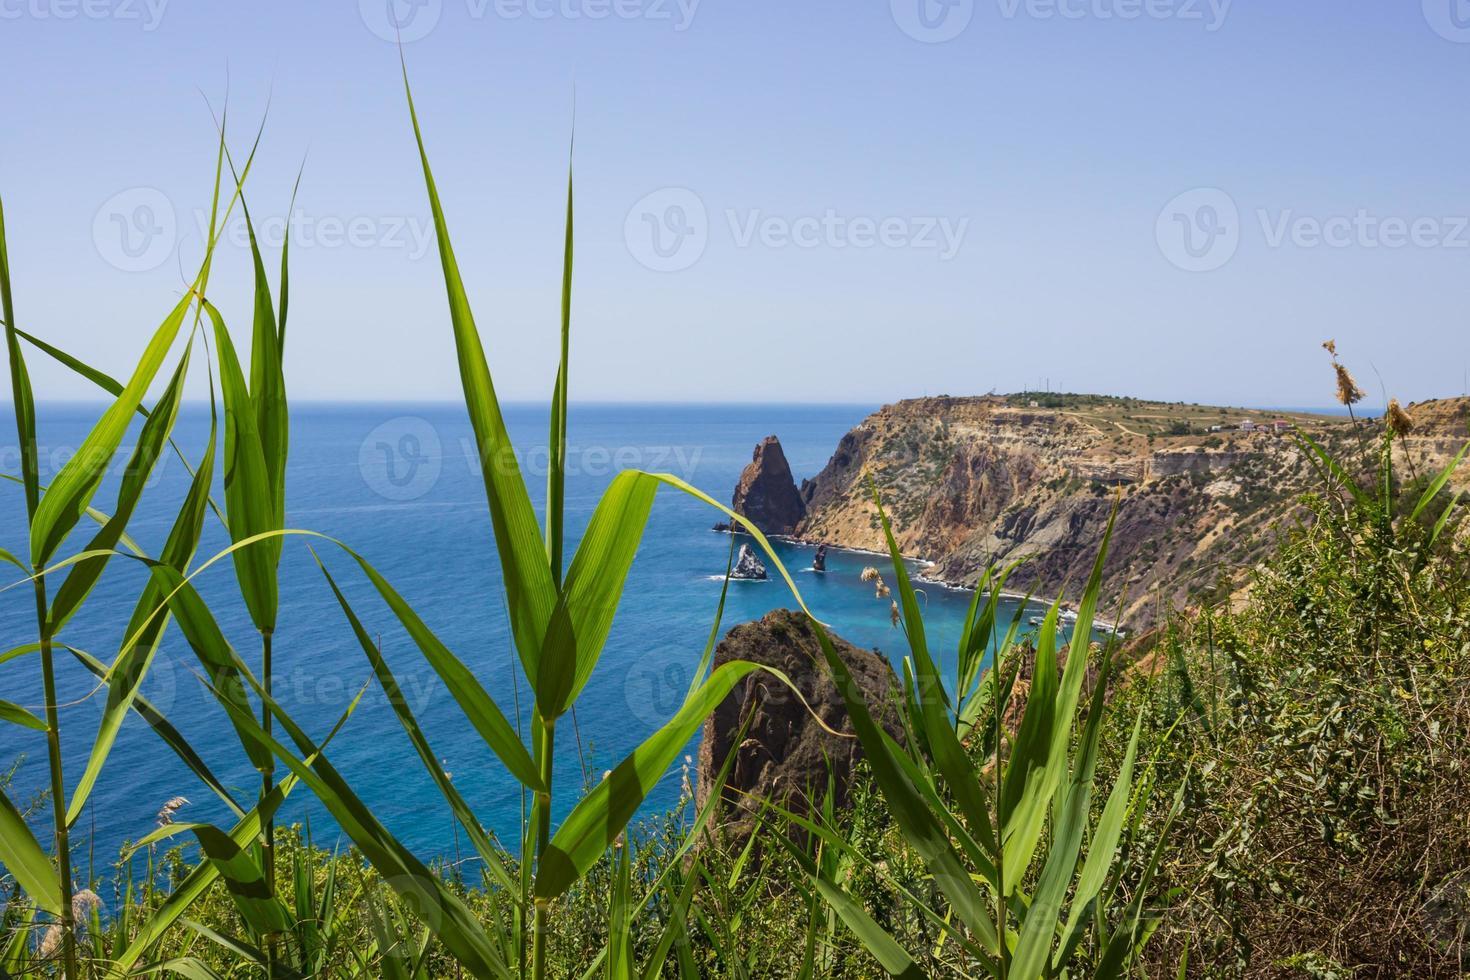 Paysage marin près du cap fiolent à sévastopol en crimée photo